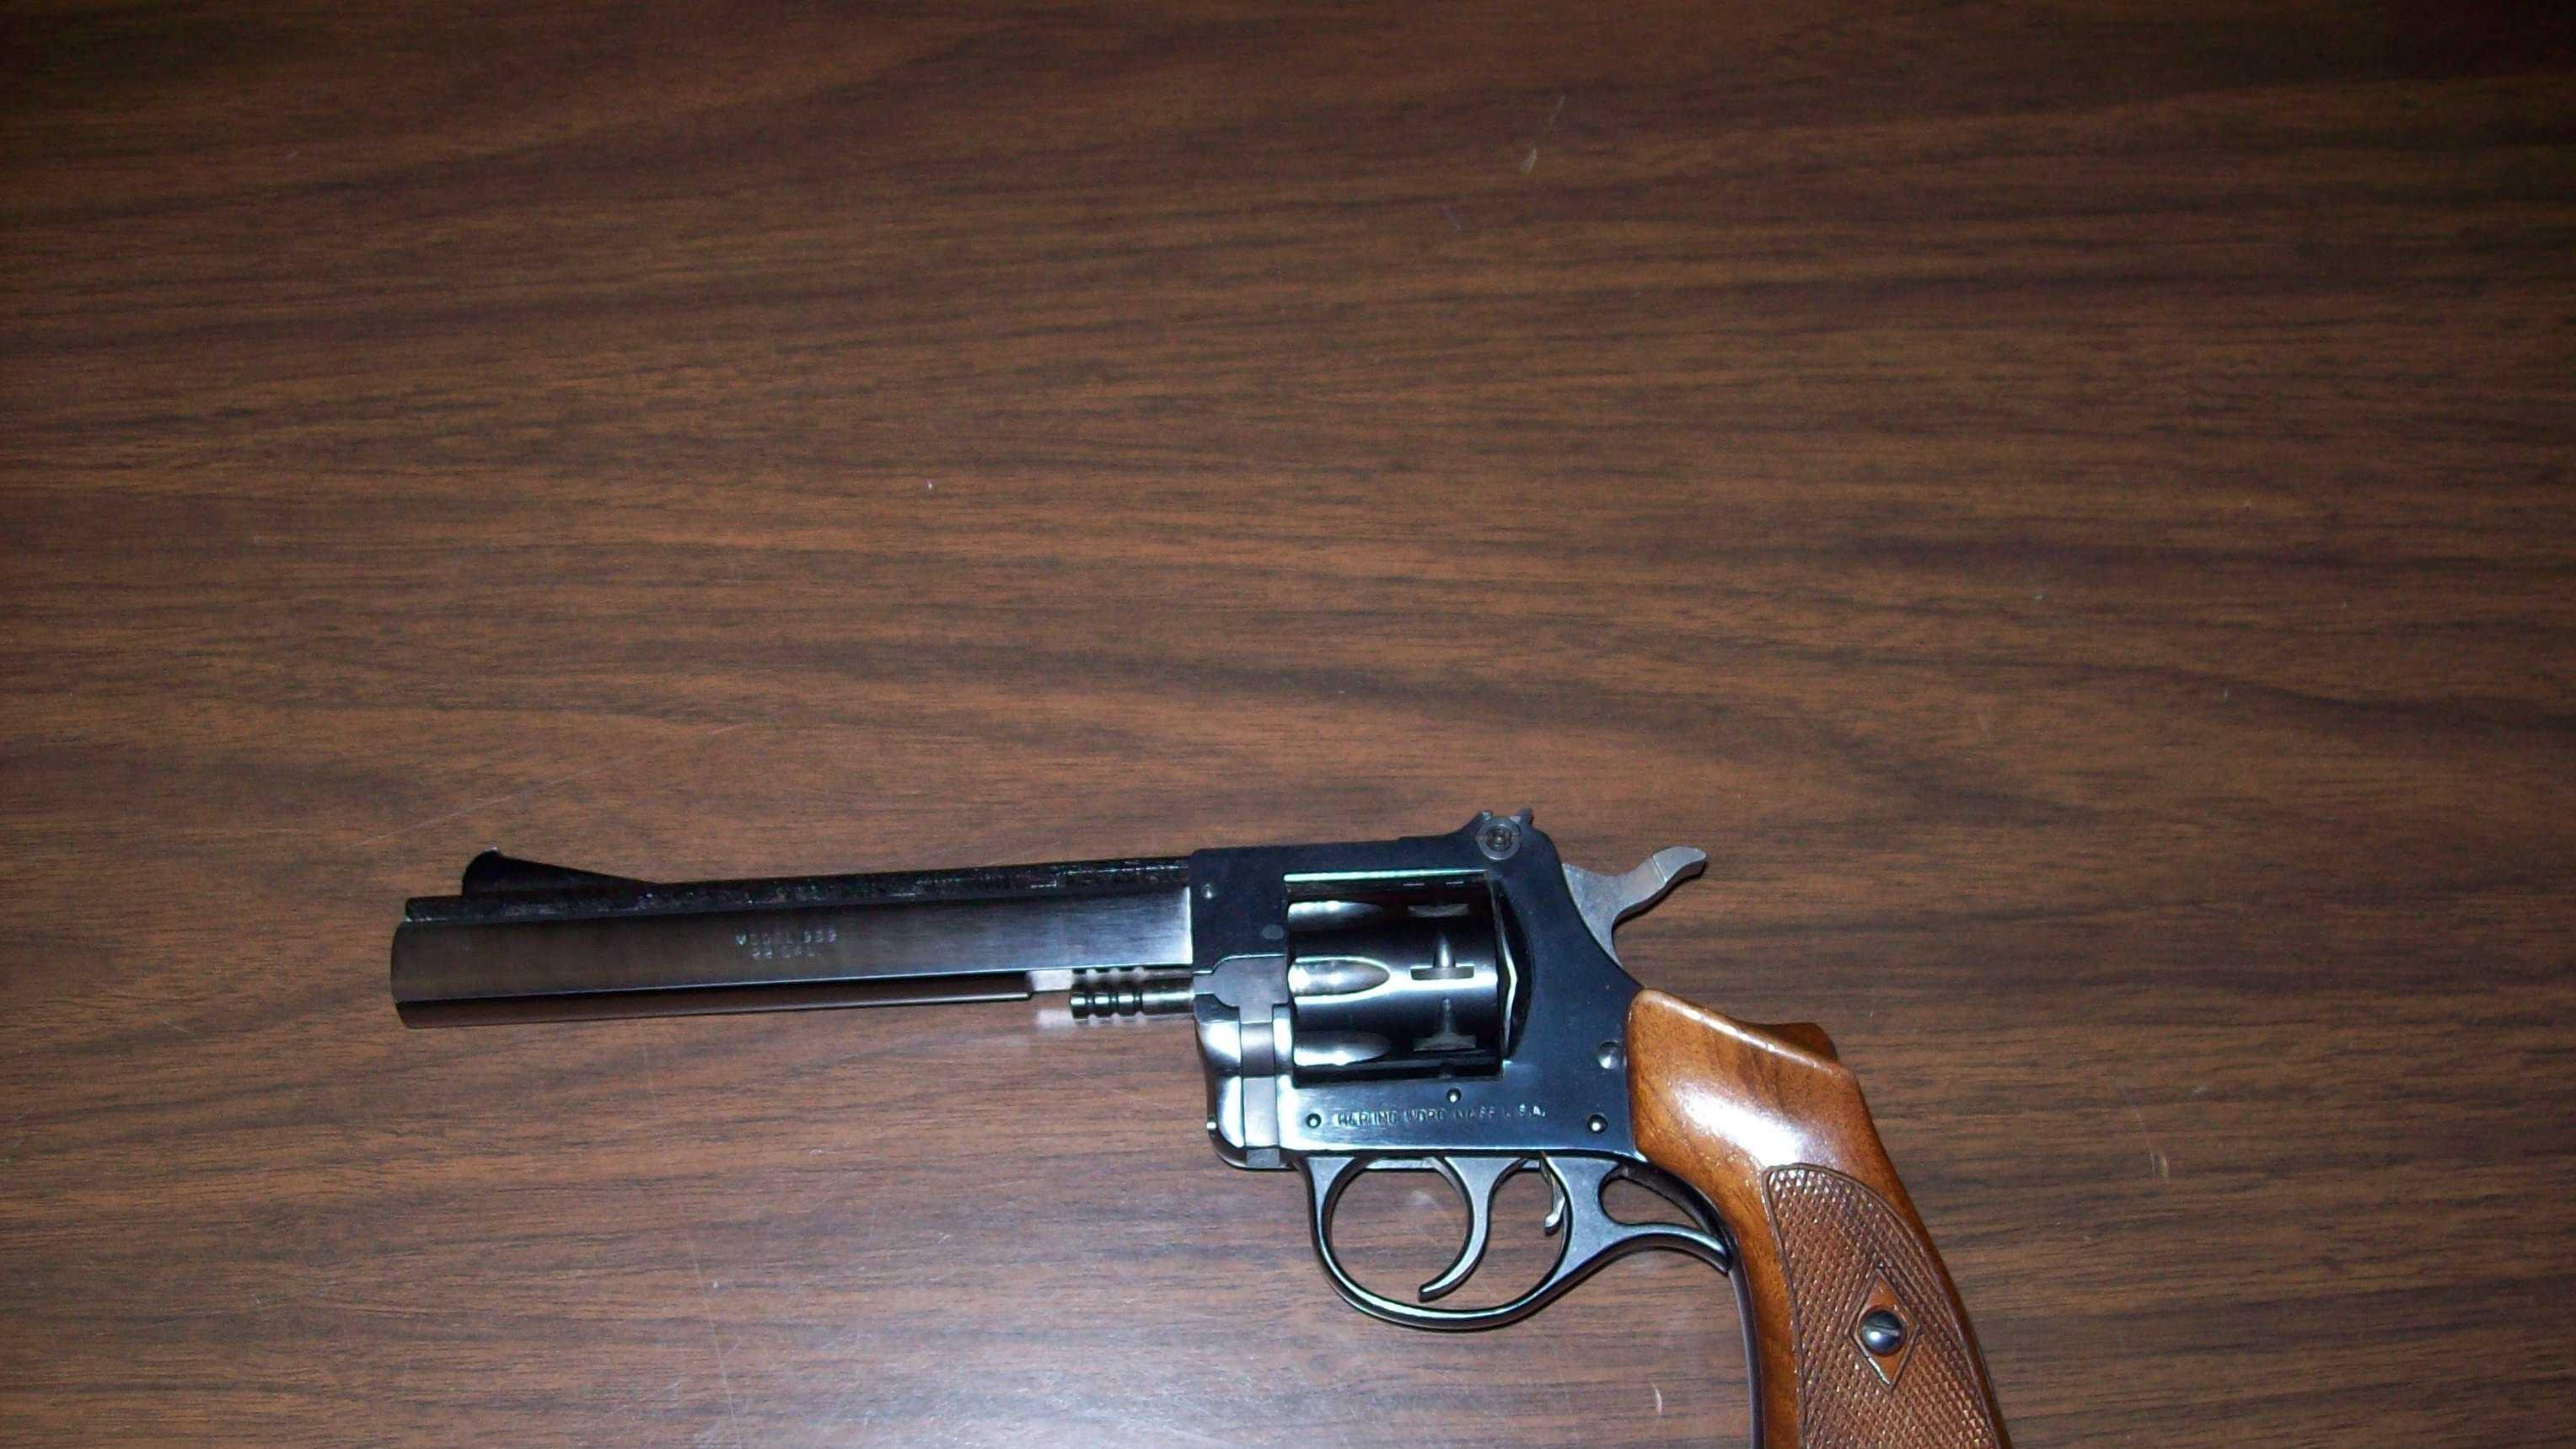 Gun brought to Glen Burnie High School